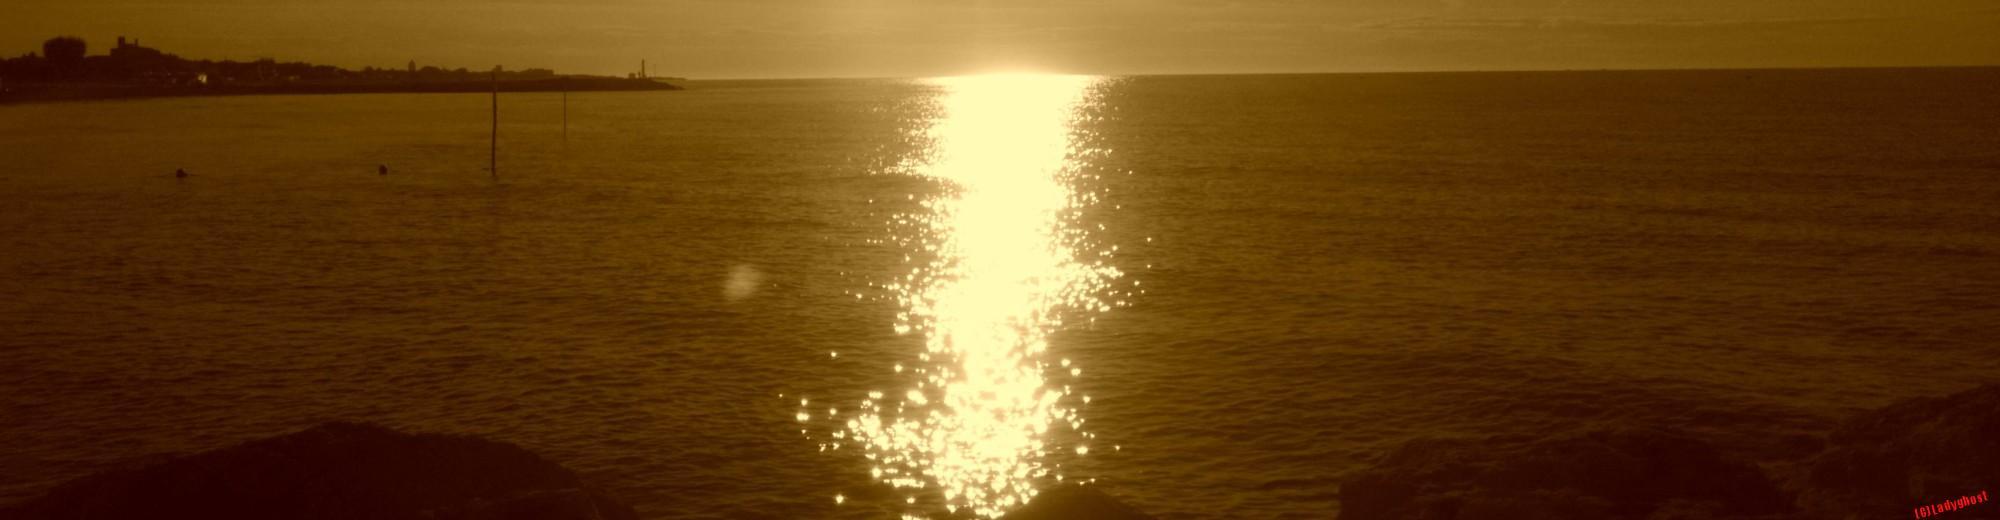 Sable island, la sabbia che non perdona